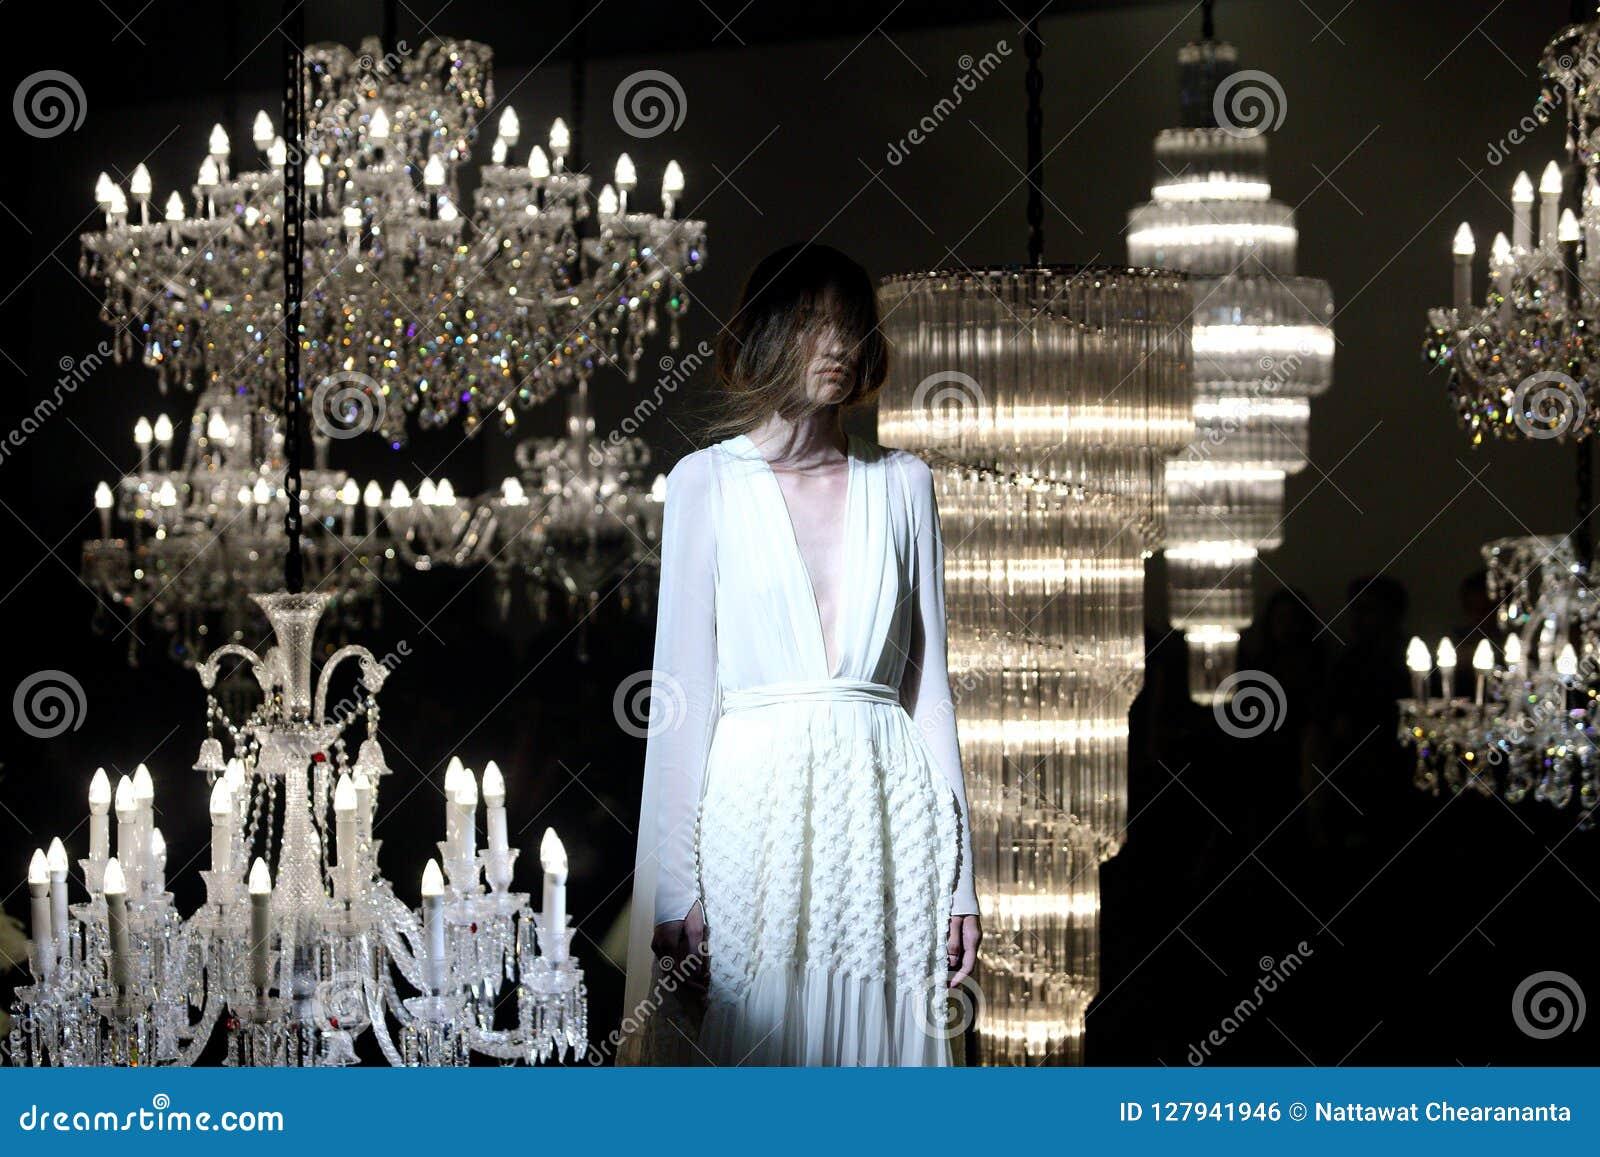 婚礼礼服和晚礼服时装表演沿枝形吊灯